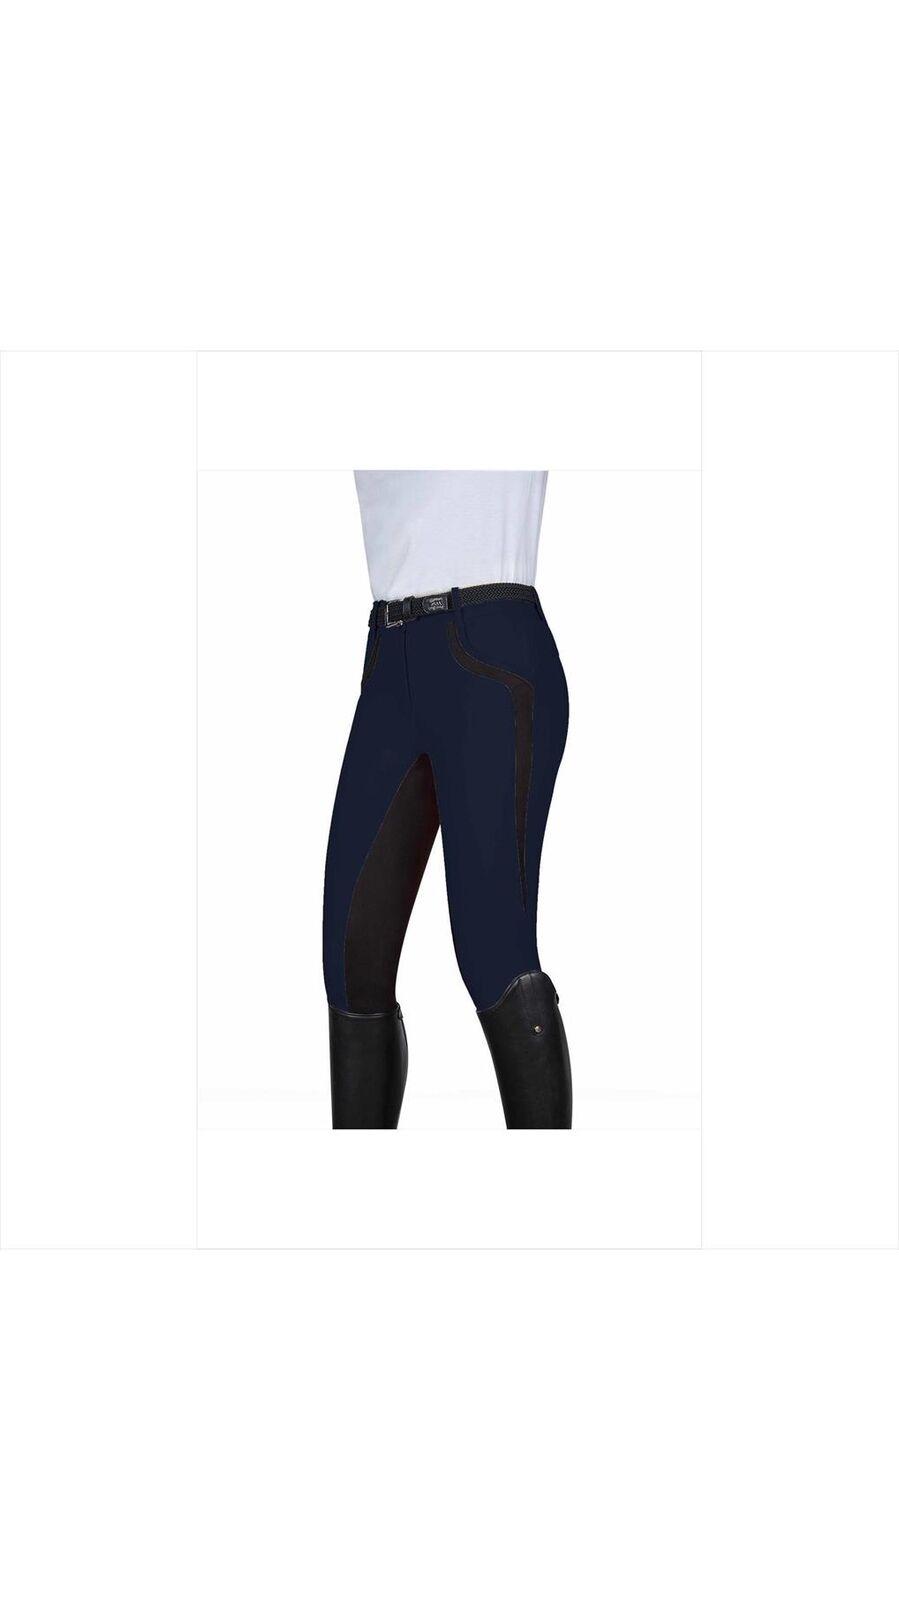 EQUILINE Pantaloni Montala Patricia guarnizione in pieno